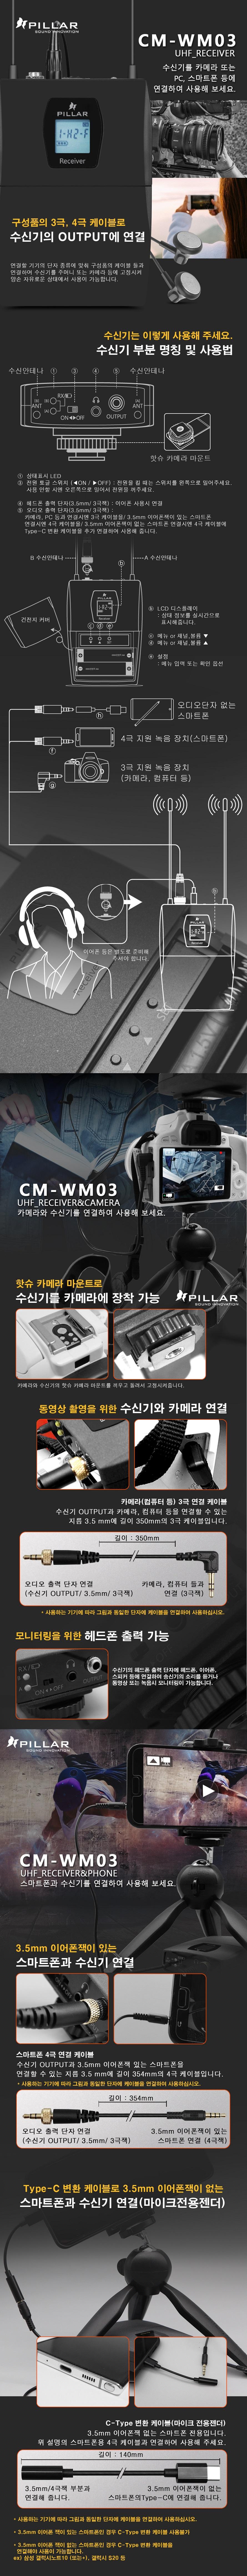 컴소닉 PILLAR CM-WM03 UHF 듀얼